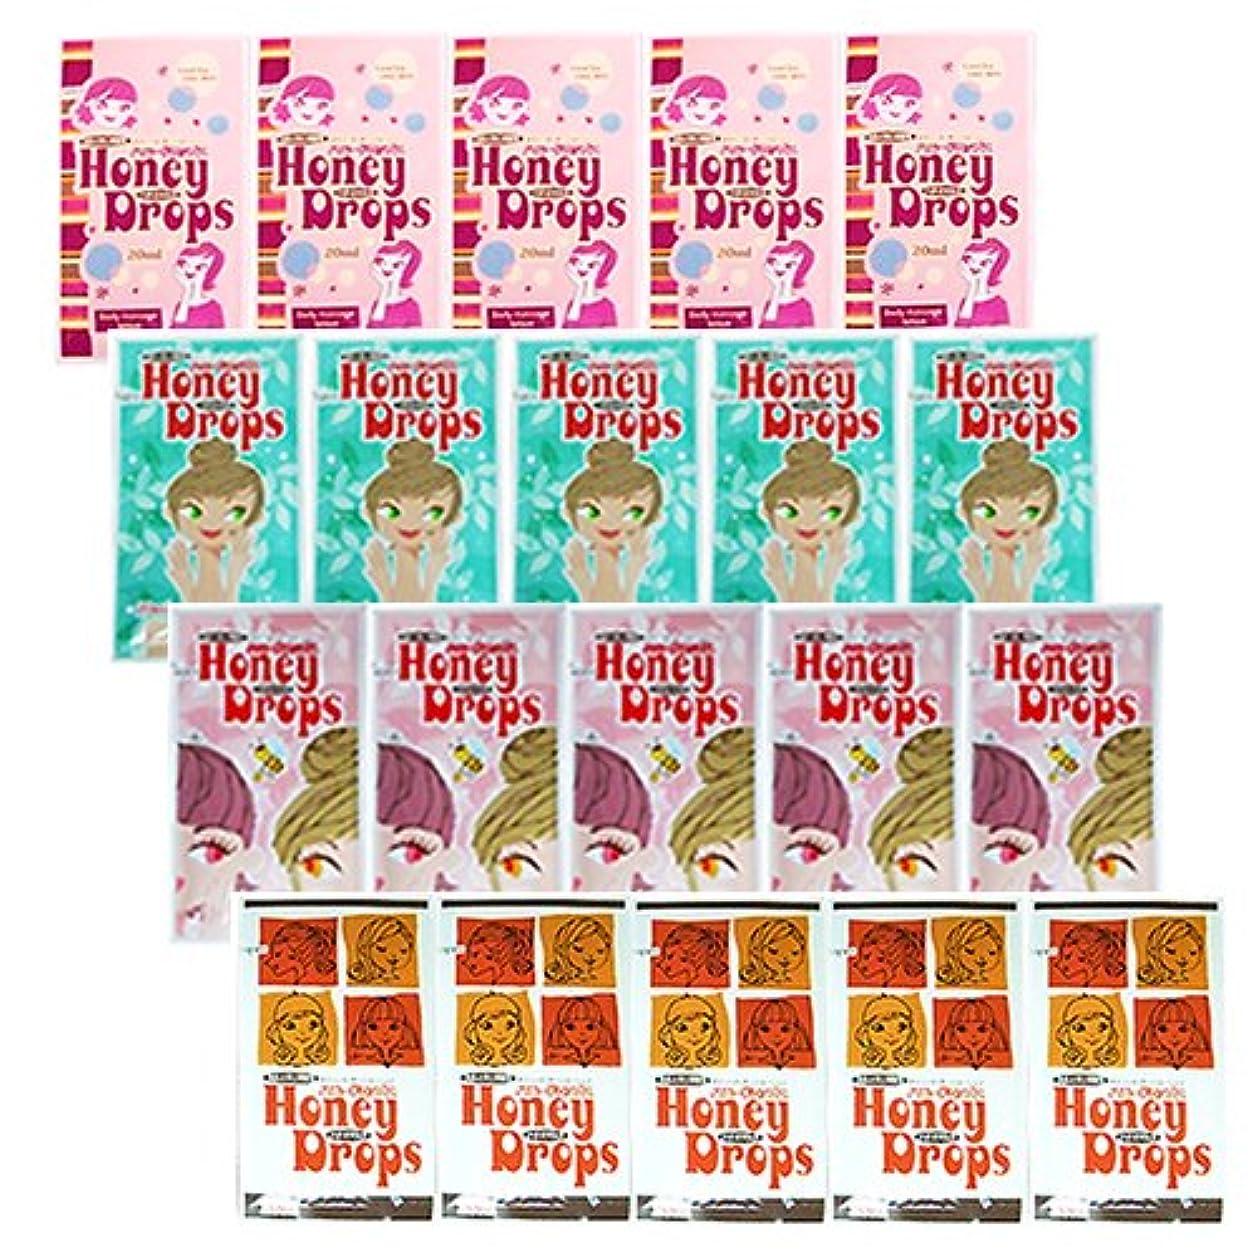 支払い責め忠実ハニードロップス(Honey Drops) 20ml 使い切りローション 4柄 × 各5個 (20個入)